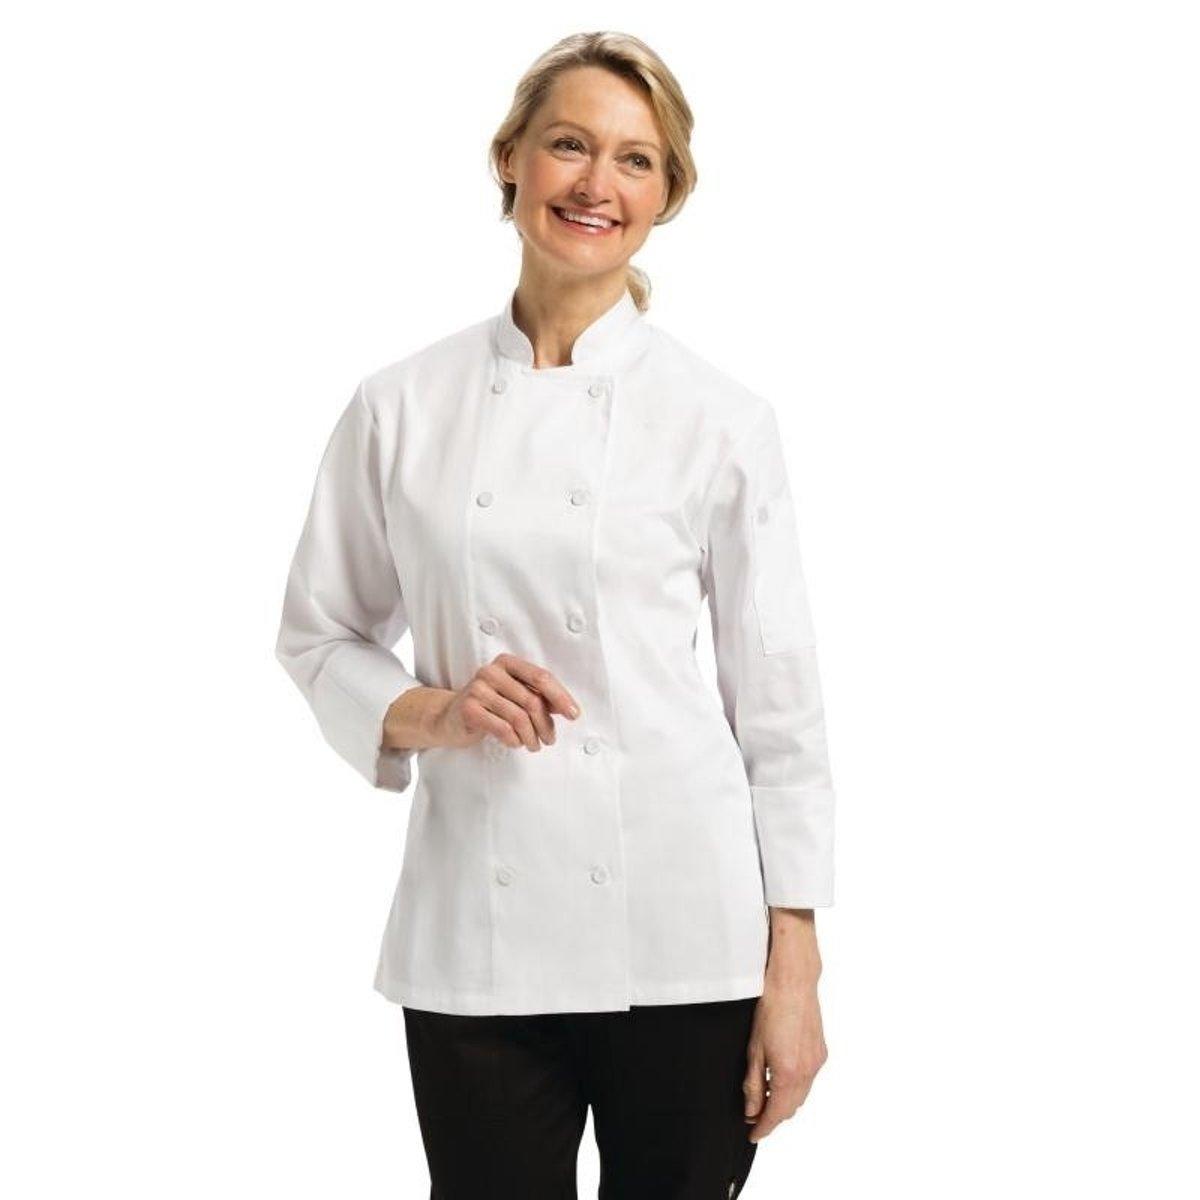 Chef Works damesbuis Marbella wit Maat L kopen